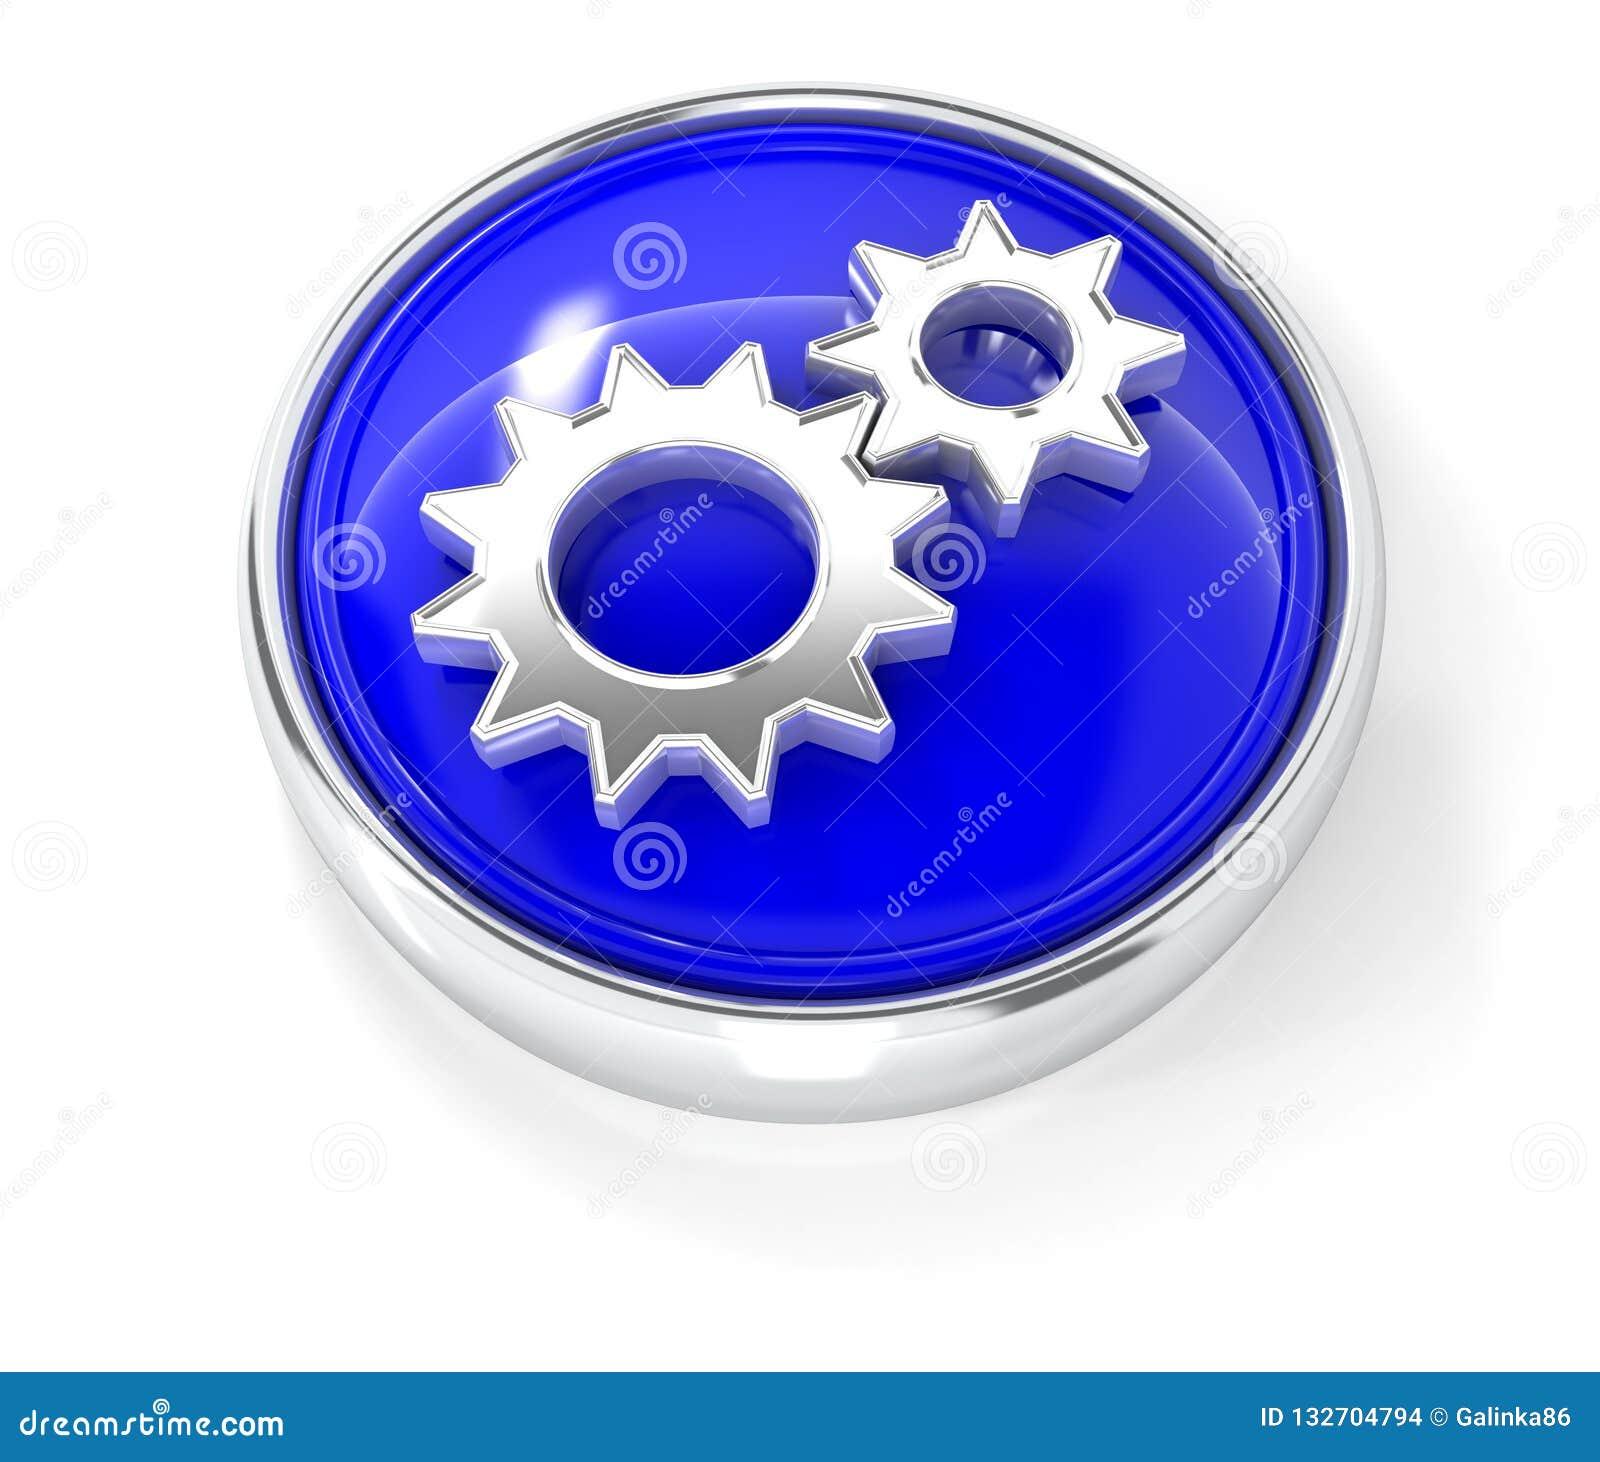 Adapta el icono en el botón redondo azul brillante